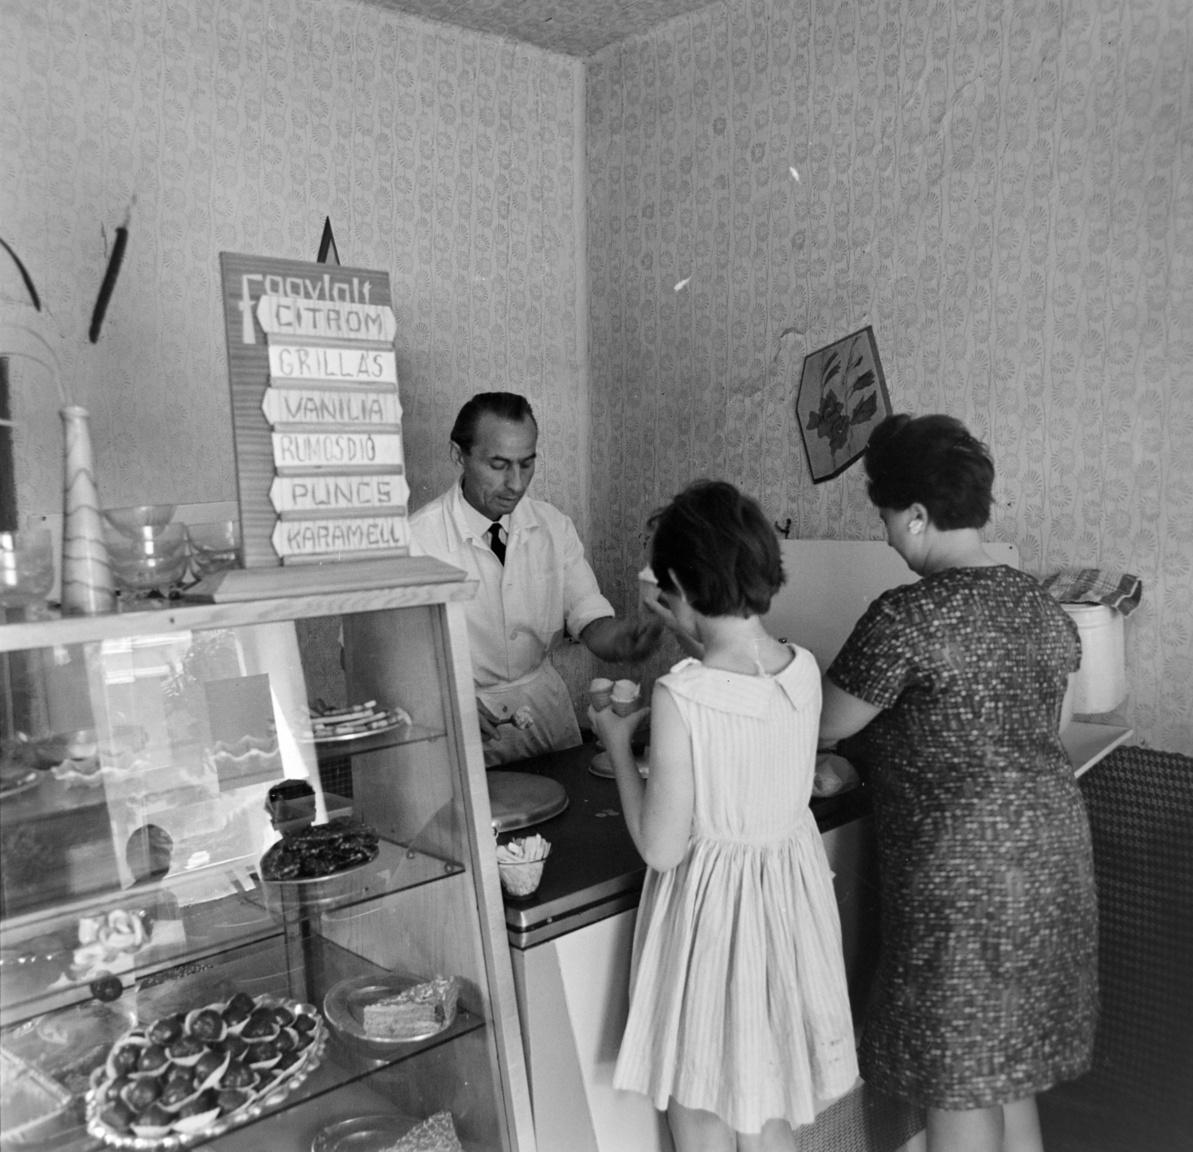 """1968 – CukrászdaOrosházán vagyunk, egy cukrászdában. Kicsike az üzlet, ez abból látszik, hogy a kézmosási lehetőséget csak nagy ügyeskedés árán sikerült beszorítani a pult mellé: a víztartály alján csap, alatta pedig tálca a piszkos víz felfogására. Ez csak a KÖJÁL (= Közegészségügyi és Járványügyi Állomás) előírásainak betartása miatt kellett, nyilván ragaszkodtak hozzá, hogy ahol élelmiszer-fogyasztás történik, ott kézmosási lehetőségnek kell lennie. (És vajon vécé volt?) A fagylaltkínálat mai szemmel nézve bizony egyoldalú, nincsen semmilyen gyümölcsös (a citromosat nem lehet annak nevezni), a felsorolt fagylaltok ugyanannak a tejszínes alapnak különböző ízesítései. Ettől még finomak lehettek, én a rumosdiót választottam volna. A """"grillás"""" szónak """"s""""-sel való írása általános volt (ahogy a """"masszás"""" szónak is, bár a franciás """"grillázs"""", """"masszázs"""" helyesebbnek számított). A víztartály tetején csíkos kéztörlő."""